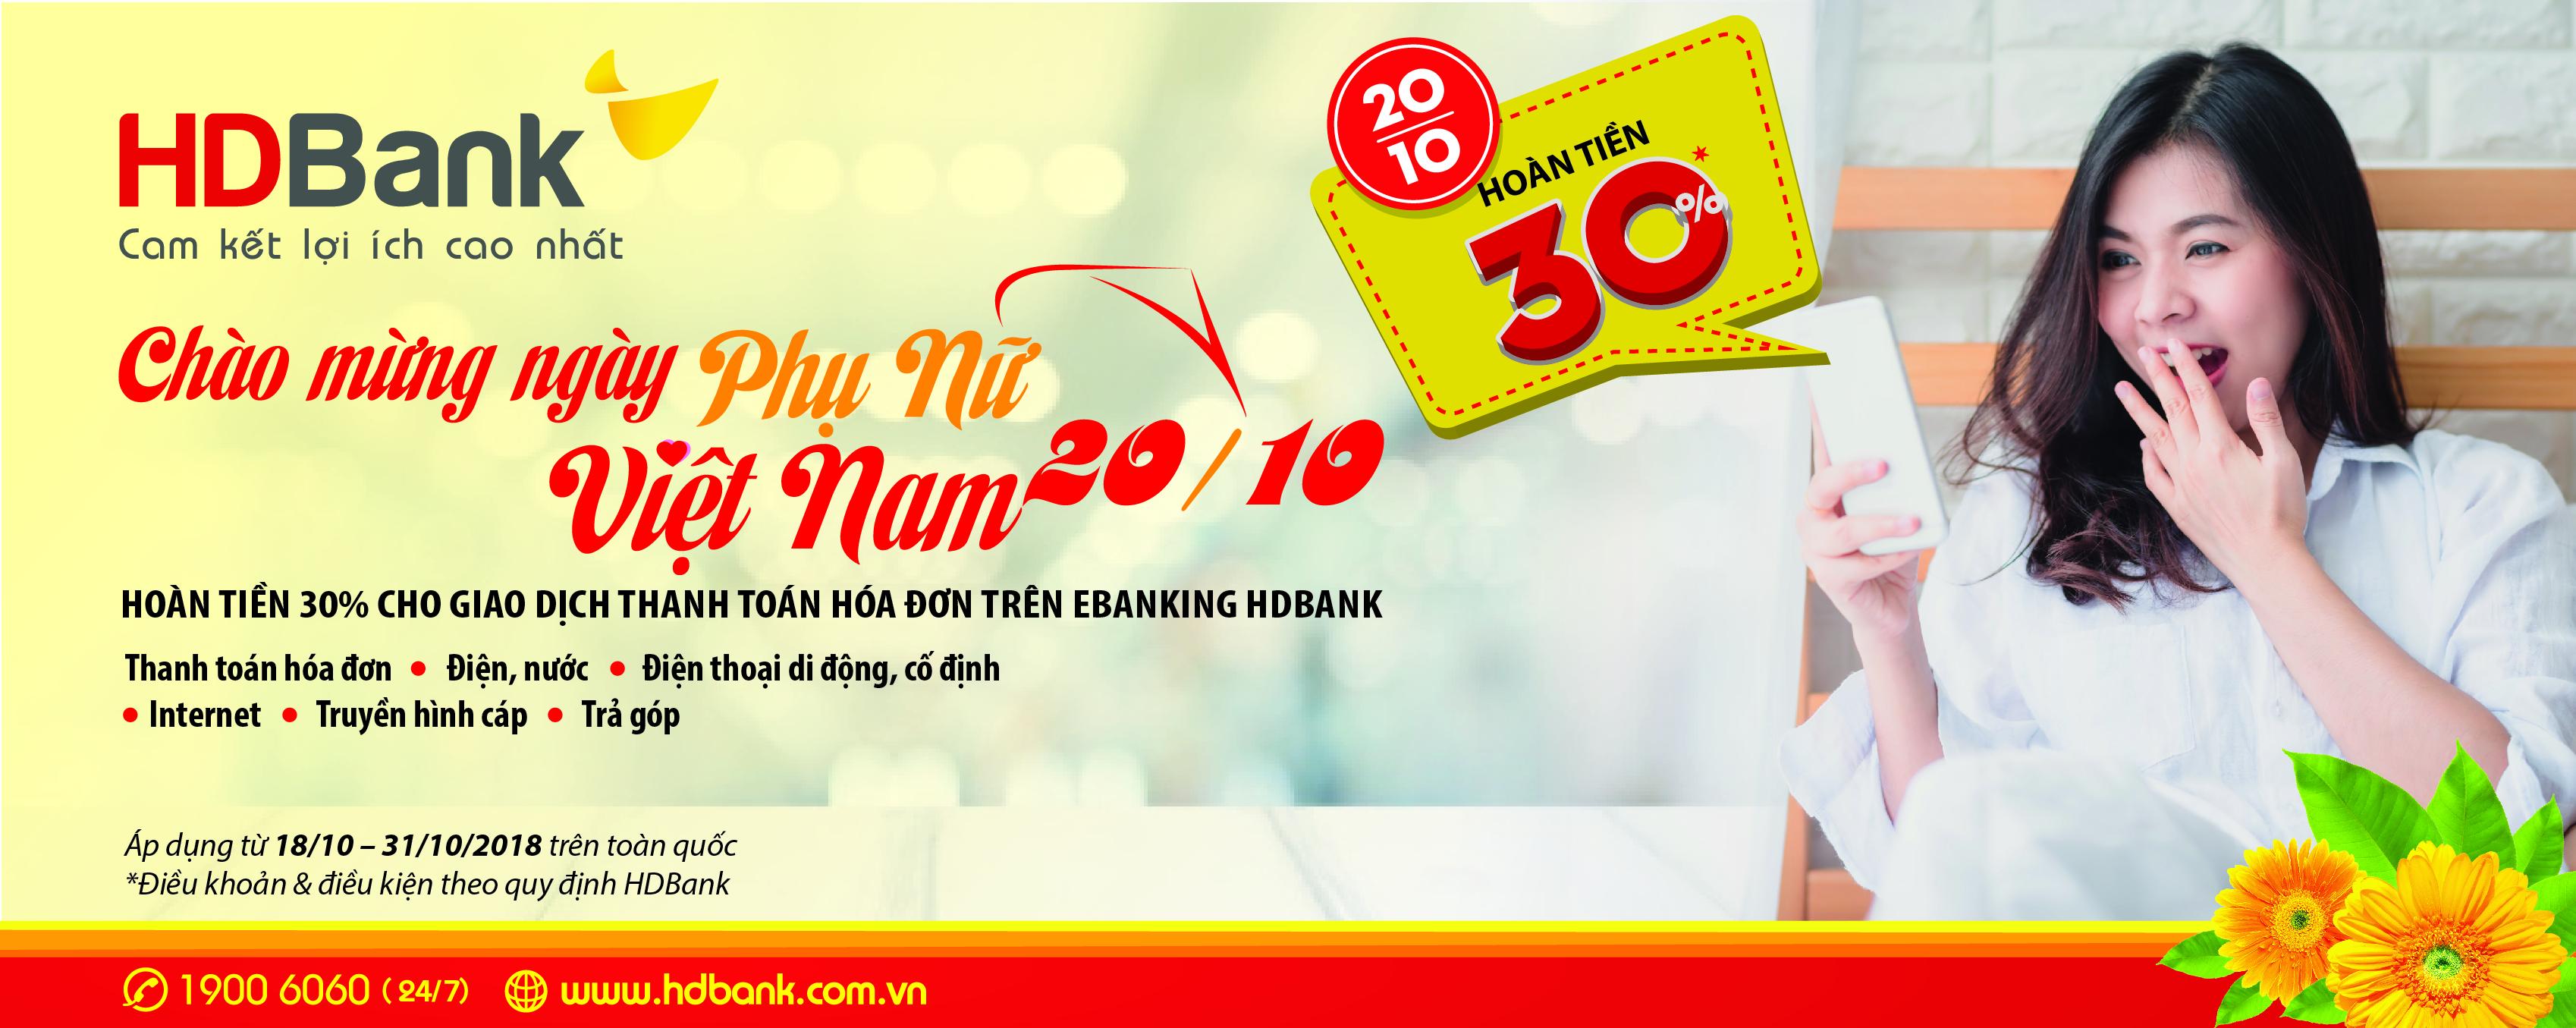 HDBank hoàn tiền 30% eBanking nhân ngày Phụ nữ Việt Nam - Ảnh 2.